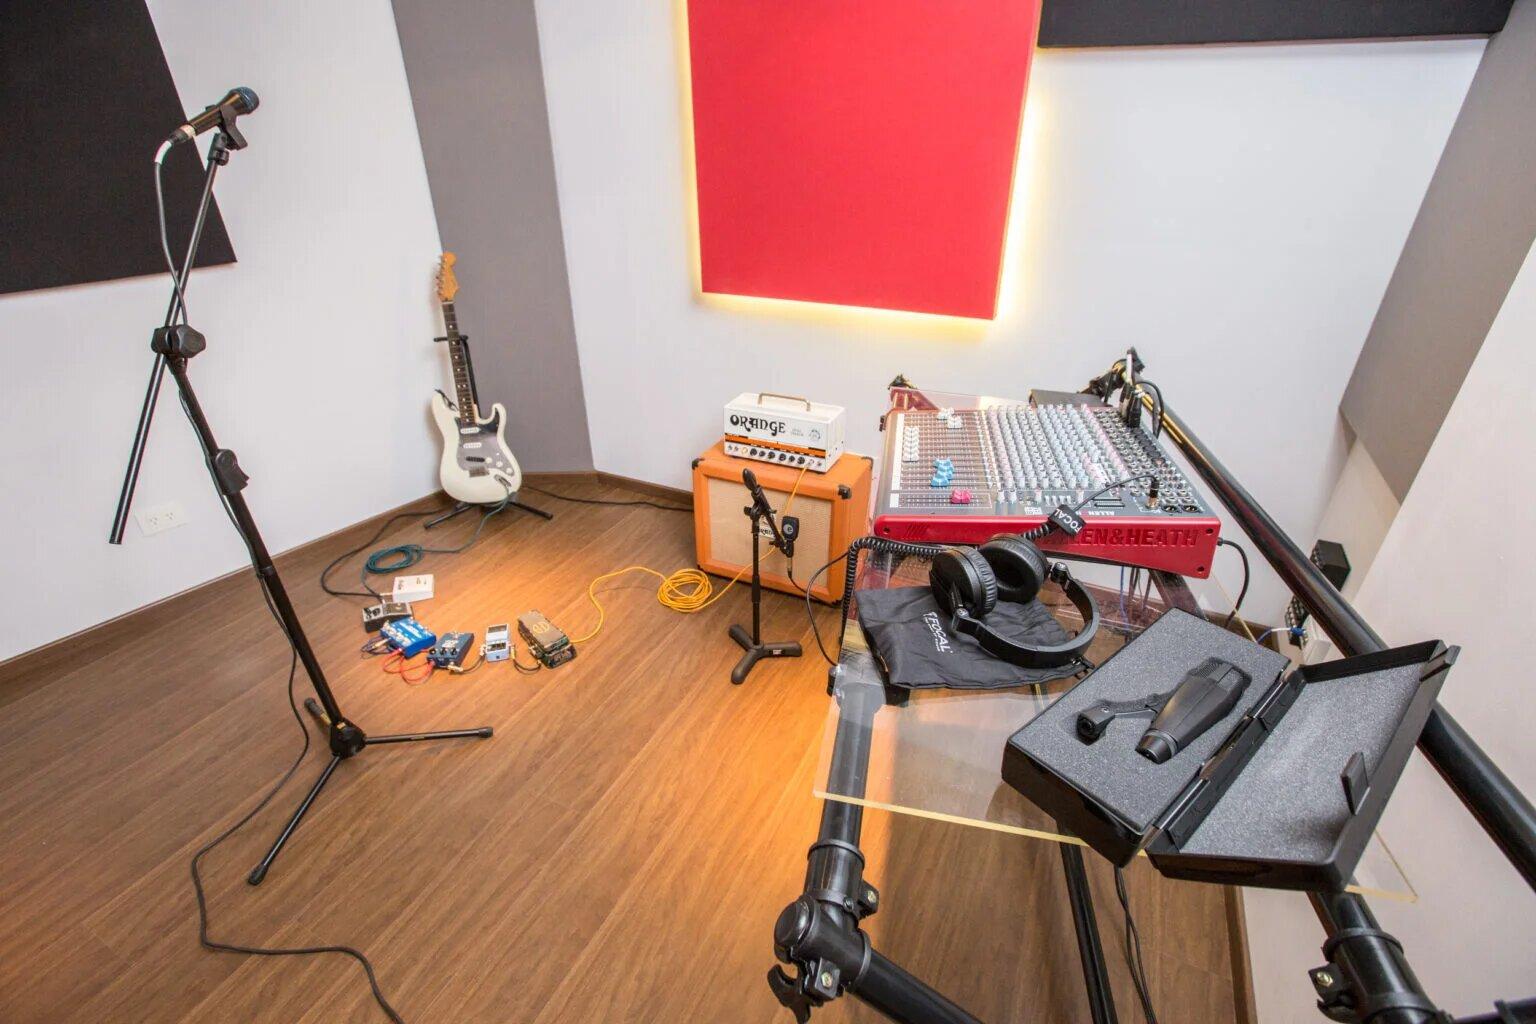 Salas ensayo para músicos y bandas